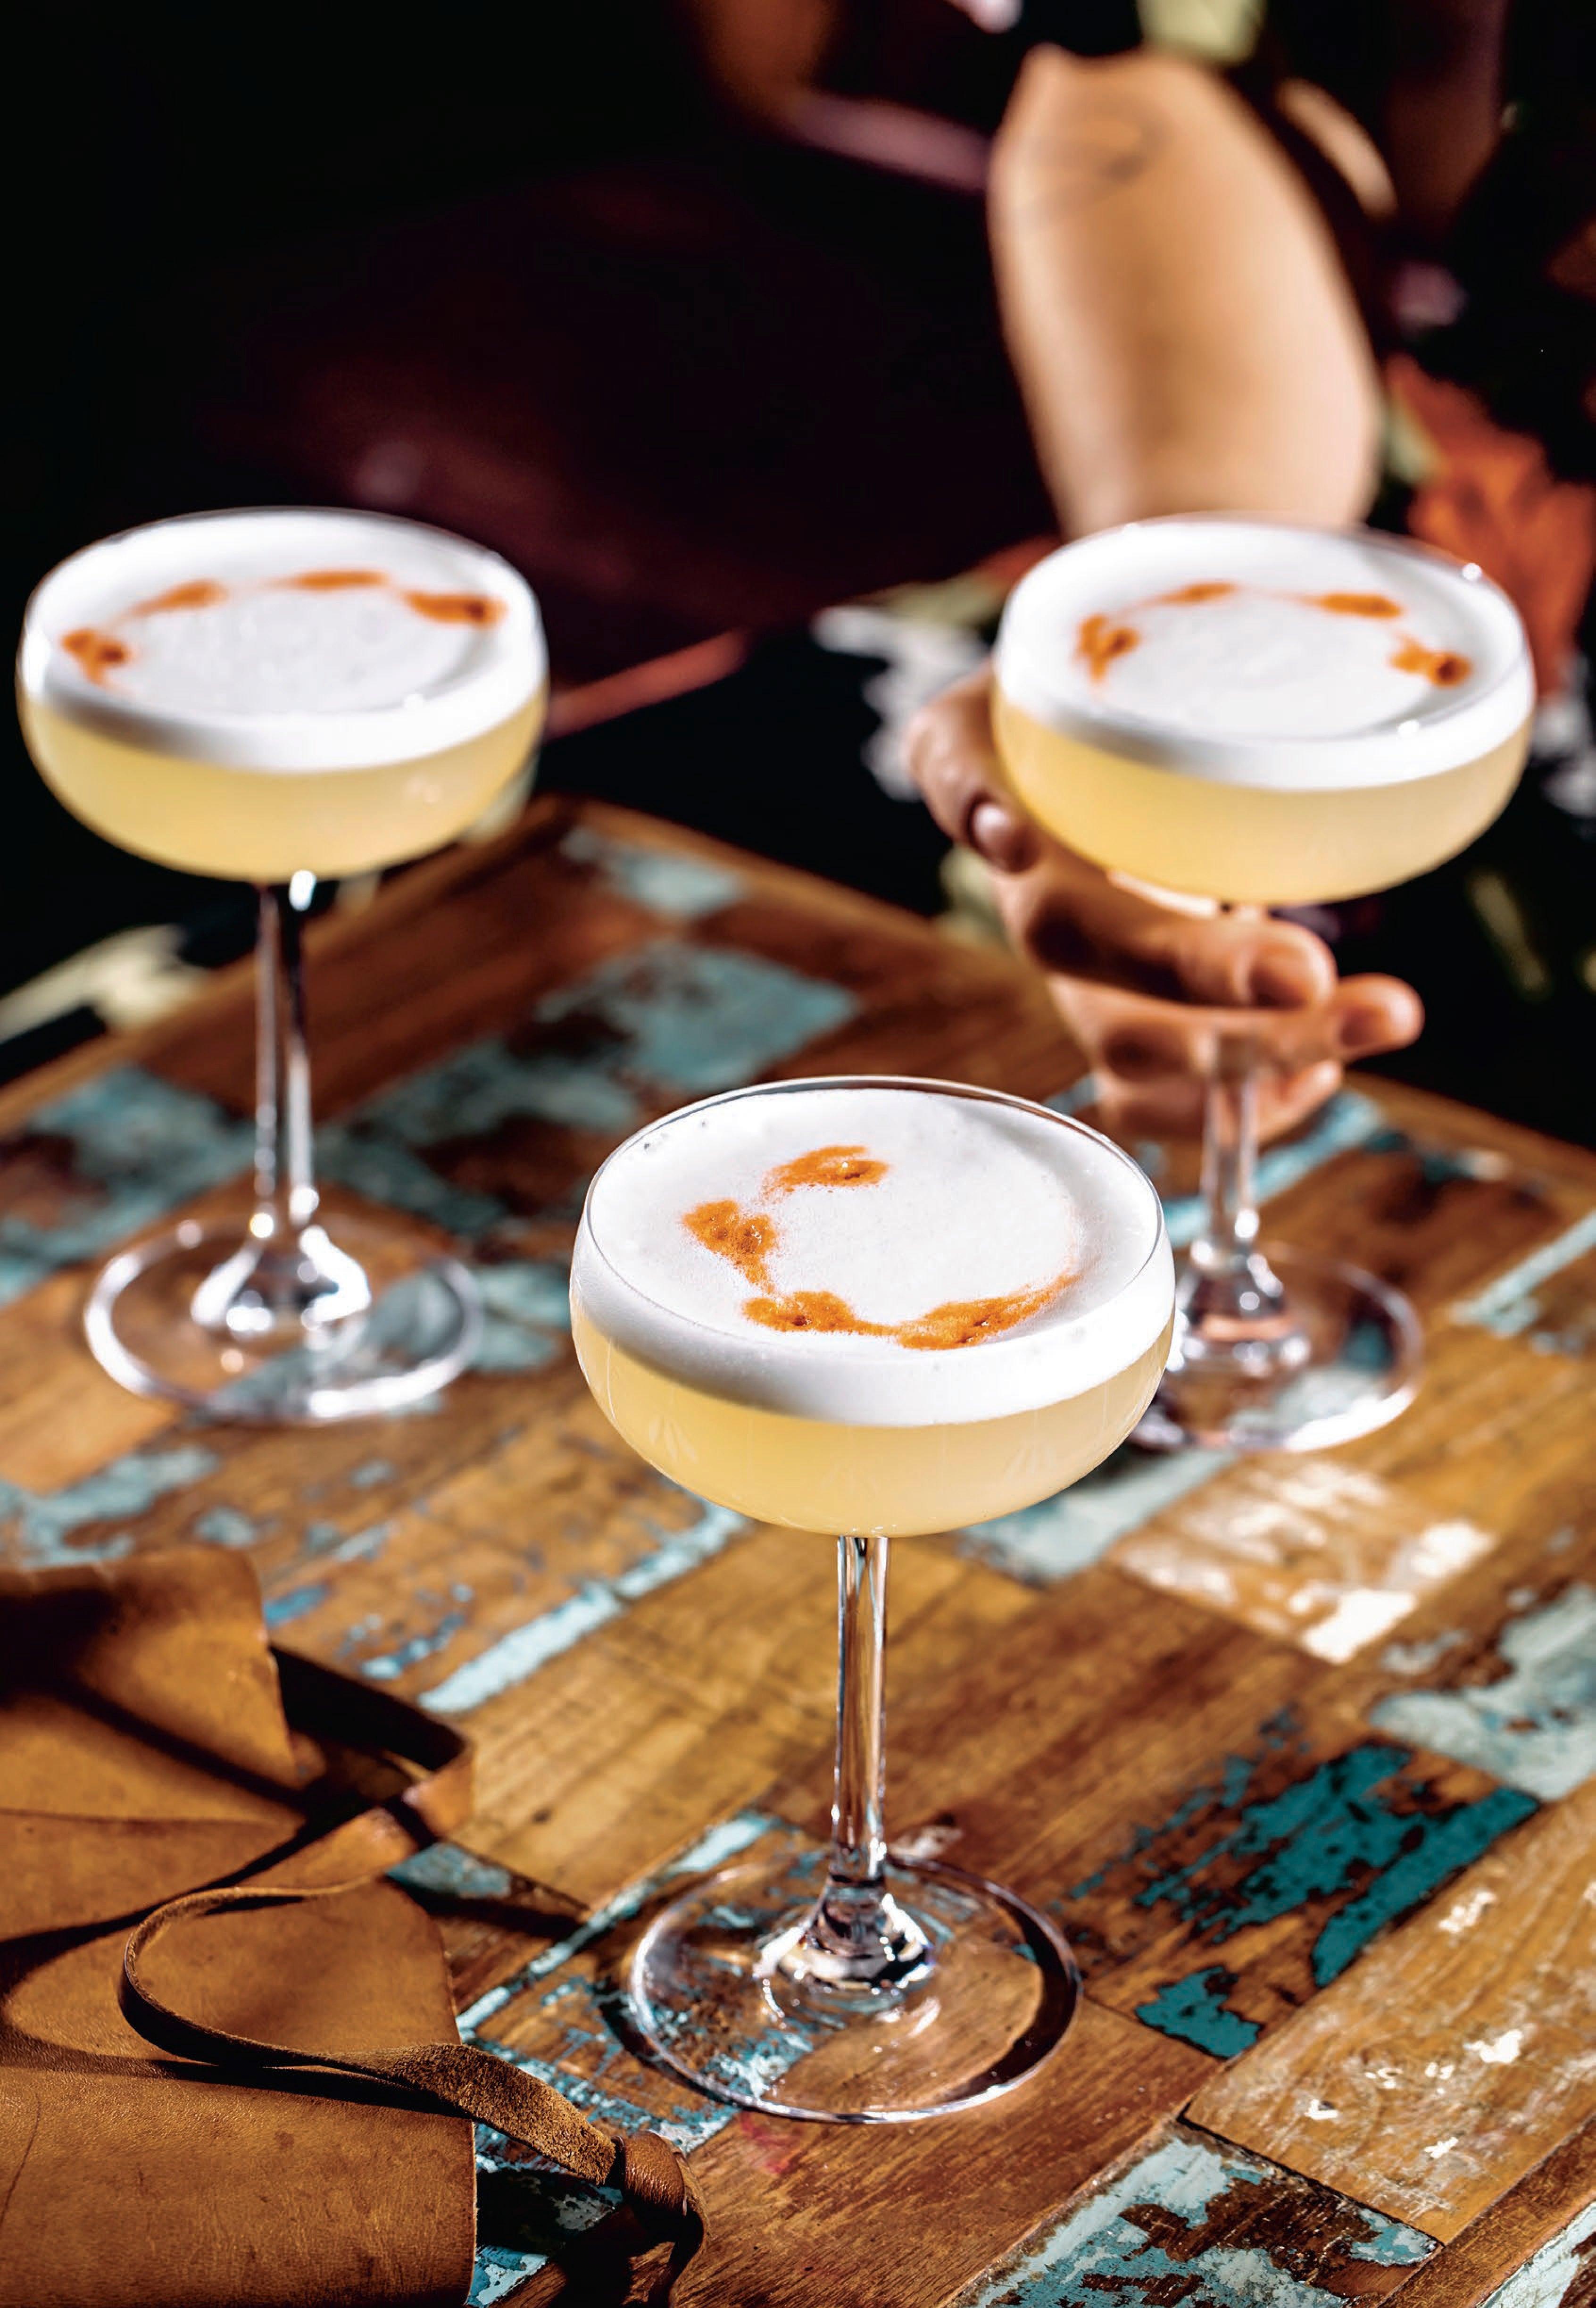 Barkeeper*innen verraten die besten Cocktail-Rezepte für zu Hause